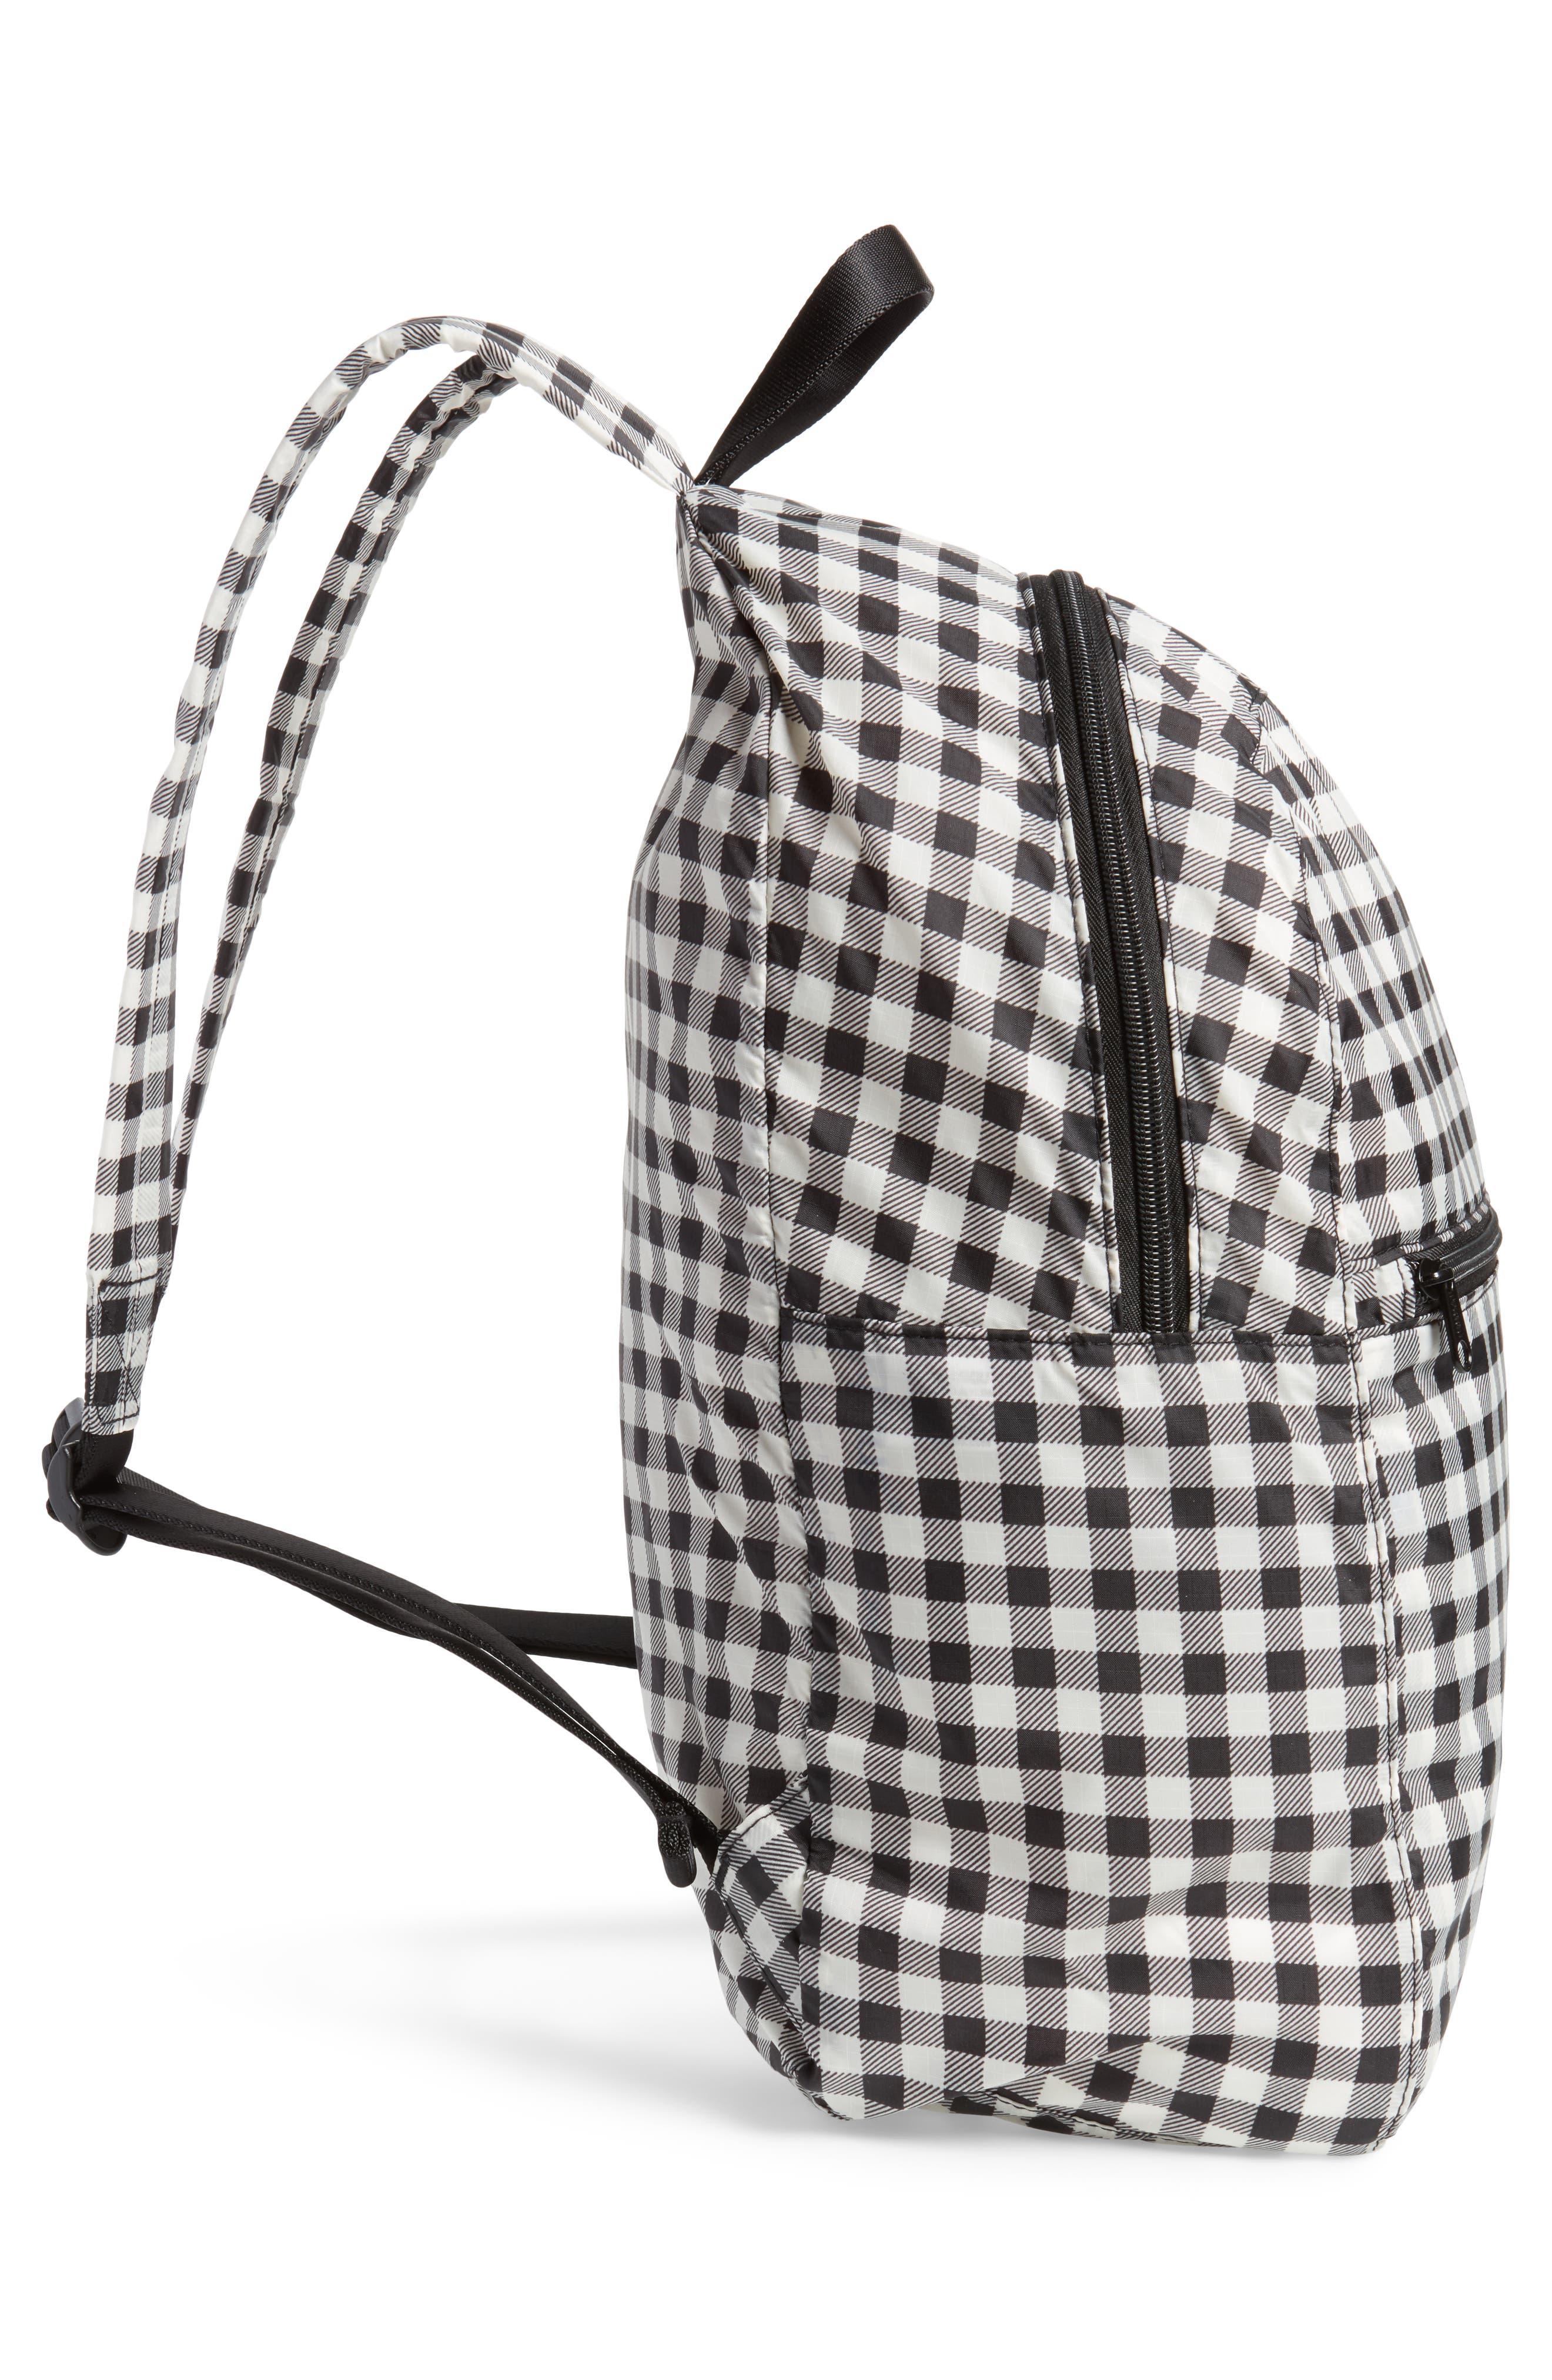 Ripstop Nylon Backpack,                             Alternate thumbnail 5, color,                             Black Gingham